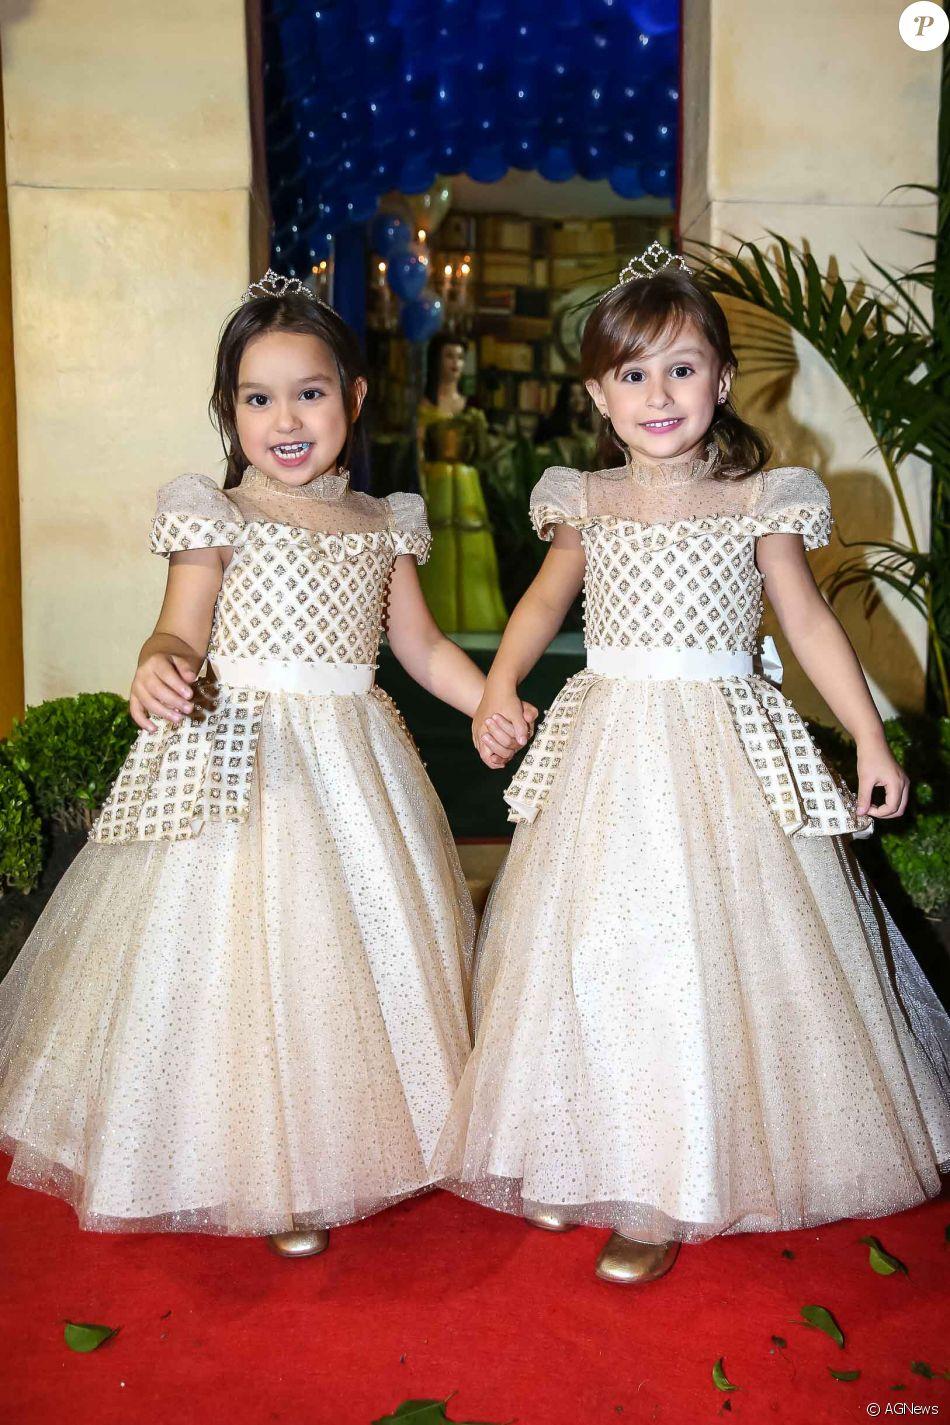 Kiara e Maya, filhas de Natália Guimarães e Leandro, posam de mãos dadas na entrada da festa